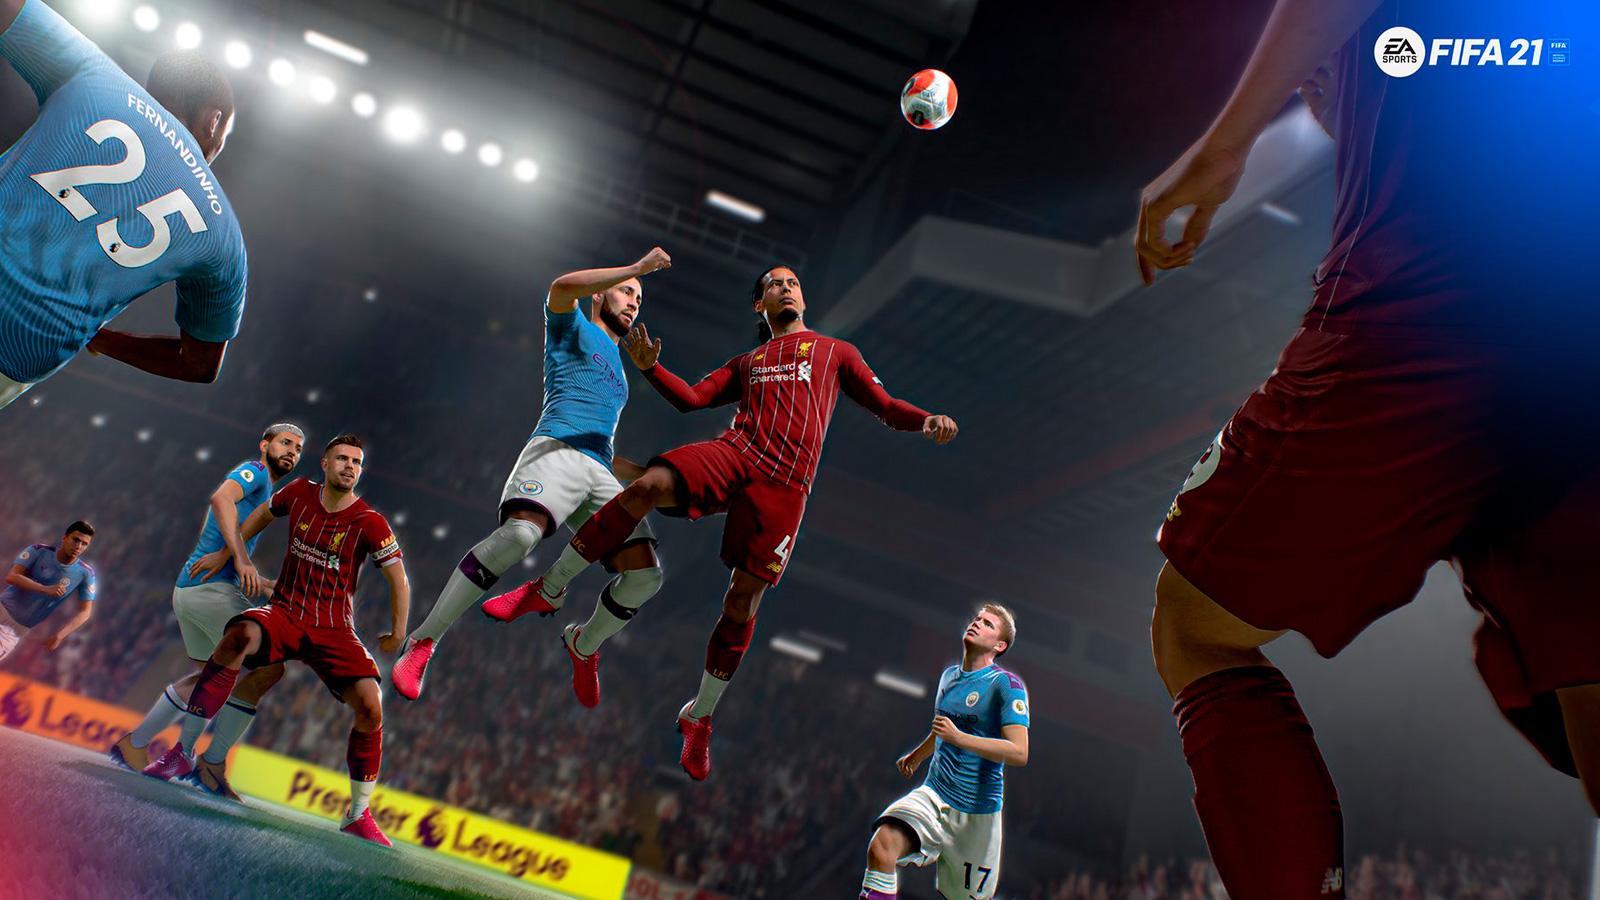 Jugadores de FIFA 21 saltando